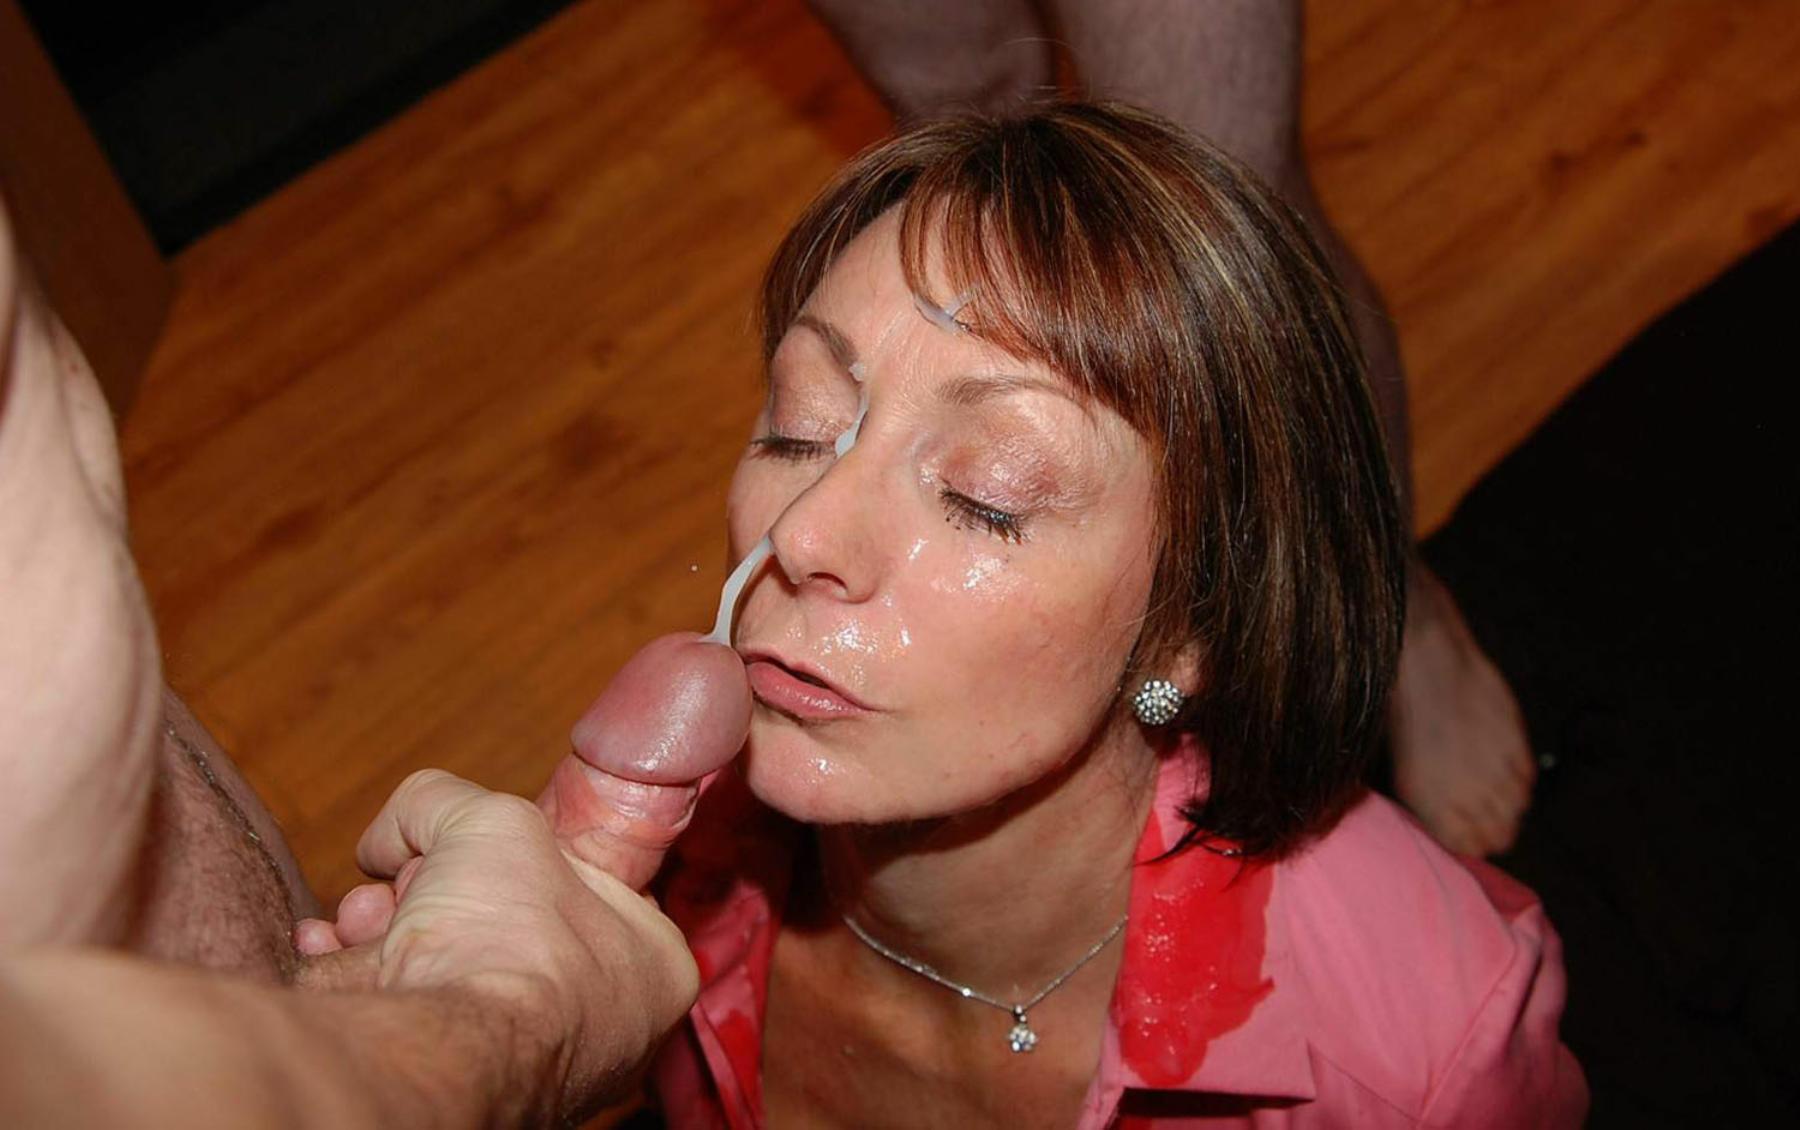 Сперма у мамы на лице фото, Мамке кончили на личико дома - секс порно фото 10 фотография